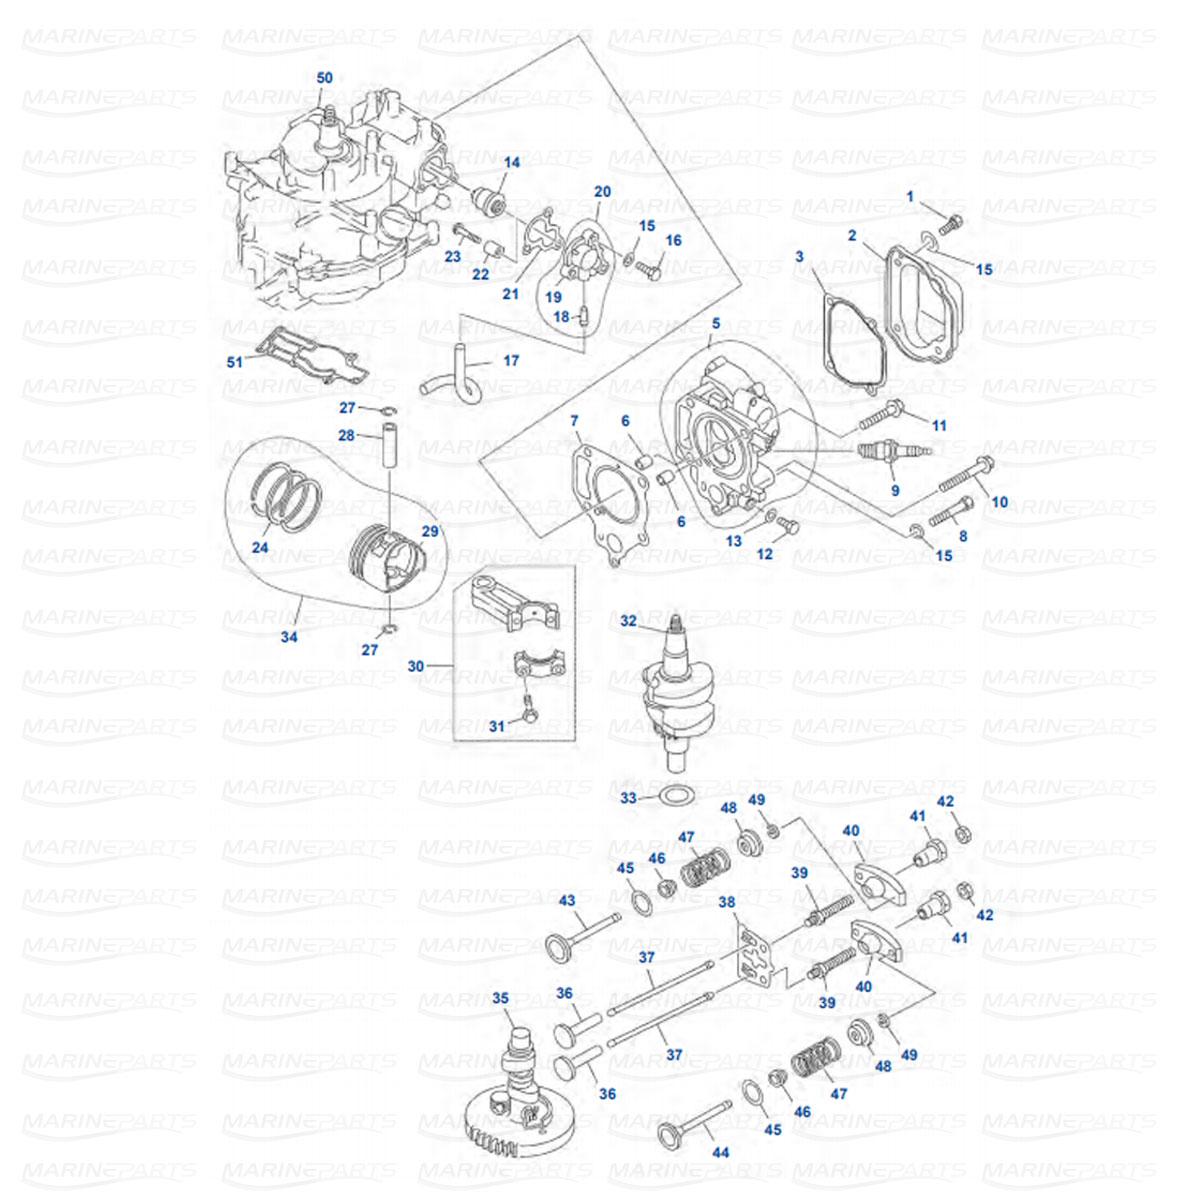 Silindripea ja väntvõll, kolb Yamaha F4A/MSHA-C/AMH/MLHB-S/MH/MLHE (2002-09)